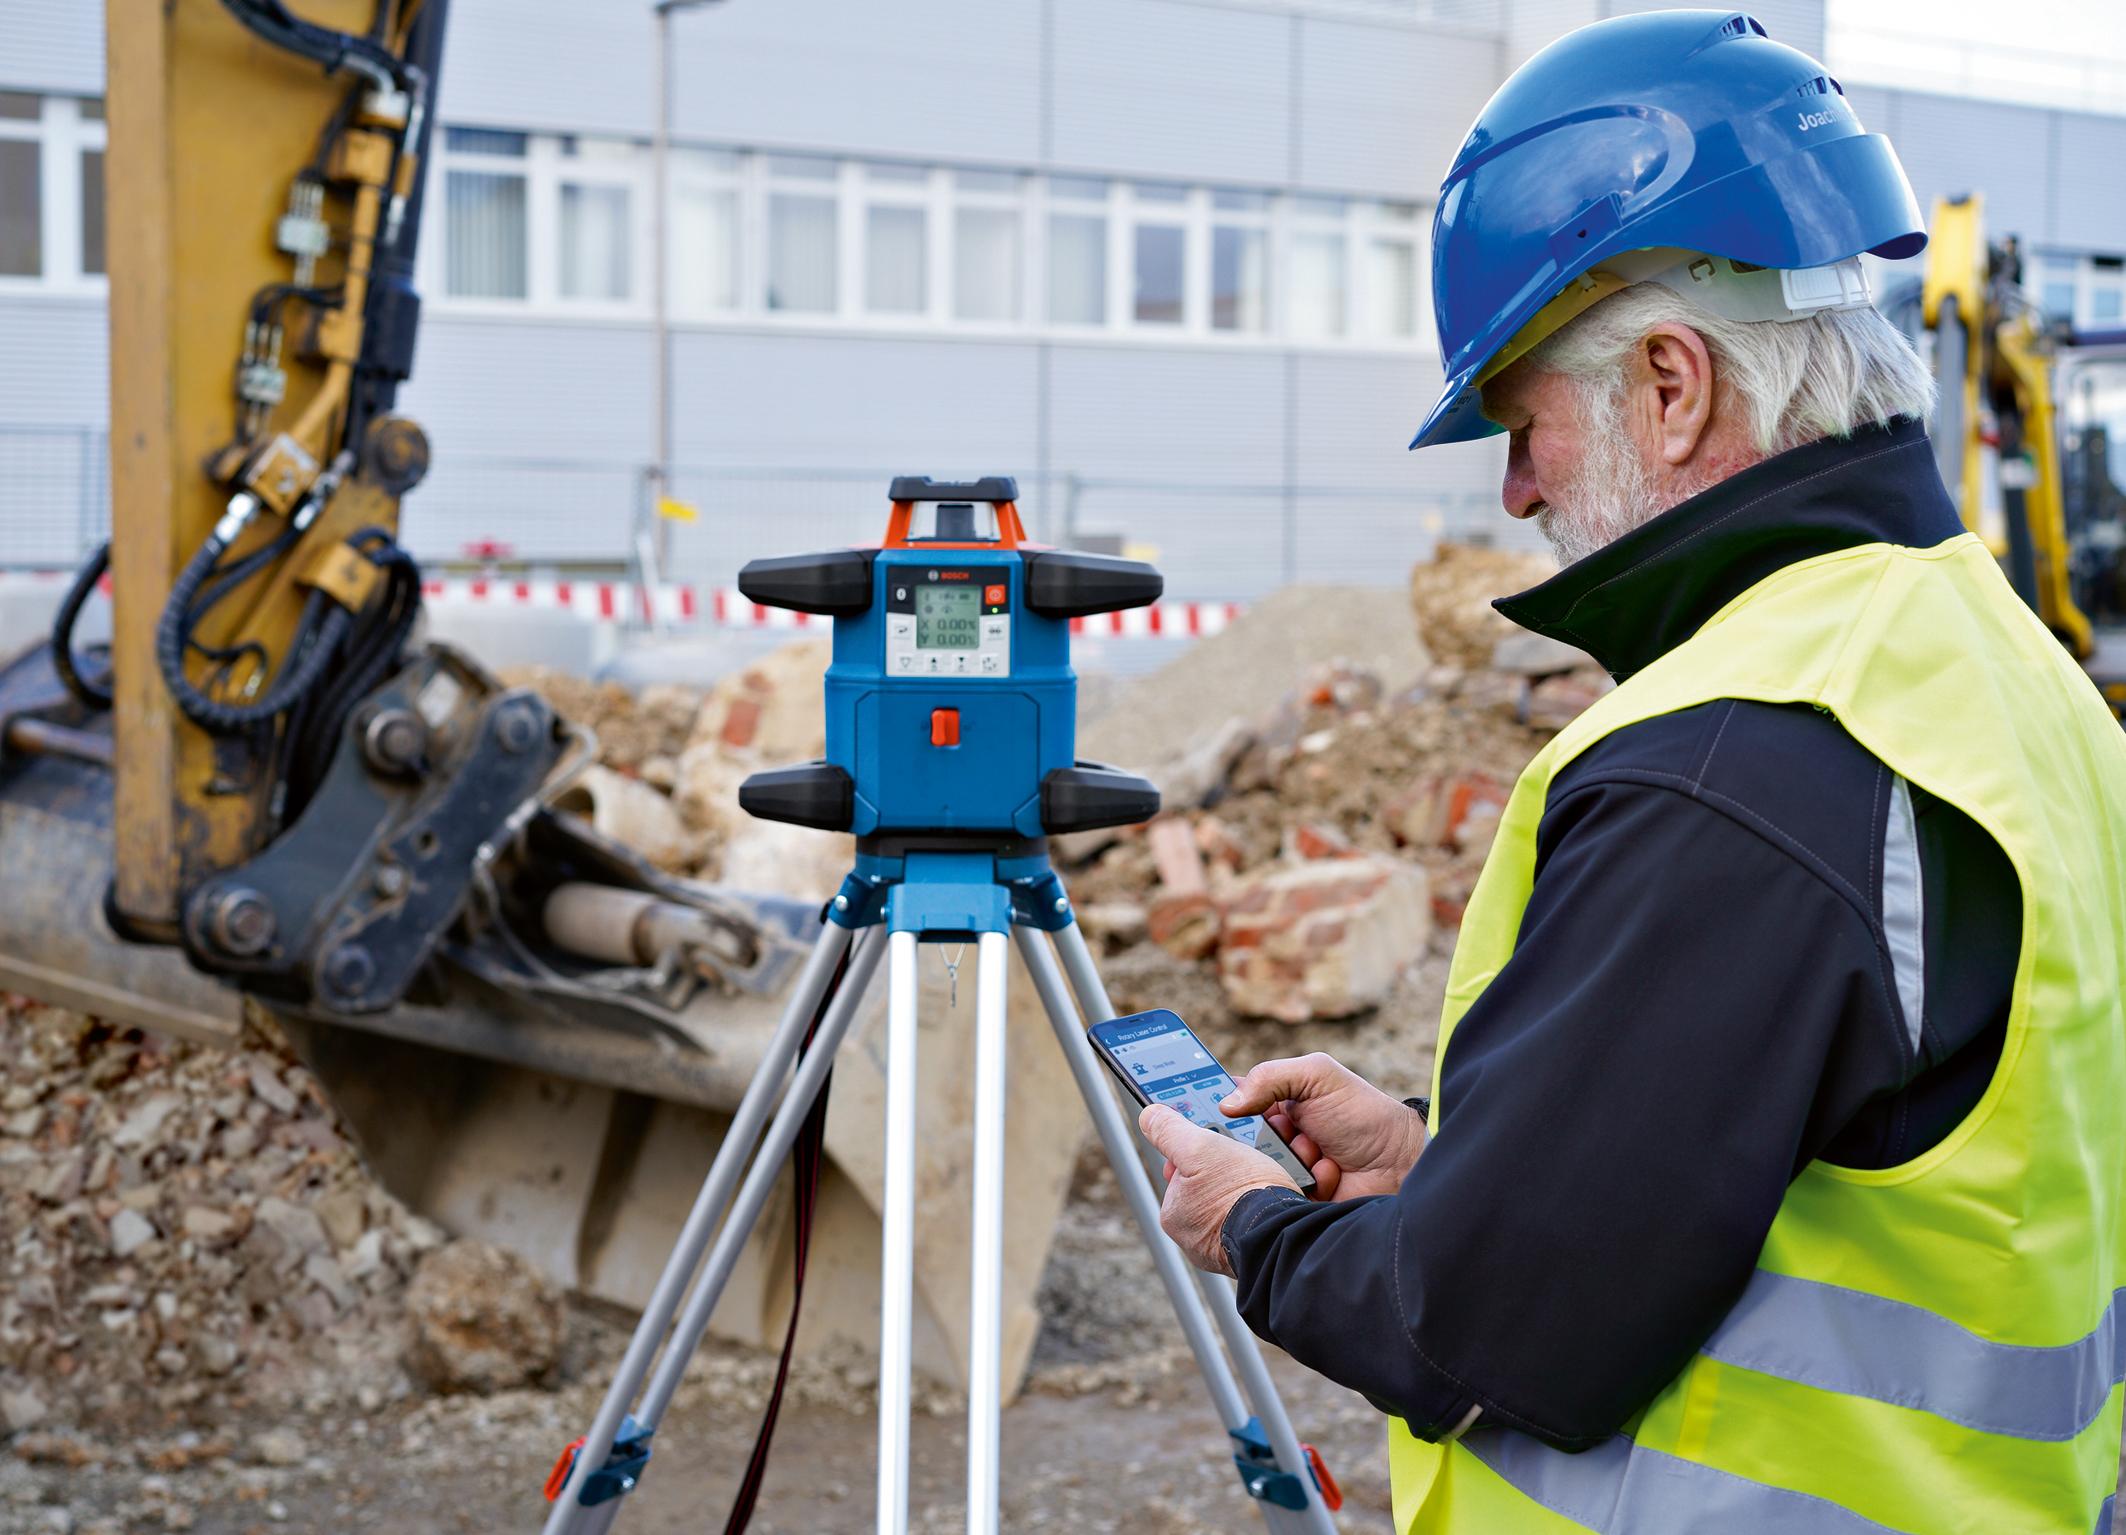 Ovládání a kontrola pomocí aplikace a uživatelského rozhraní: Nový rotační laser od společnosti Bosch pro profesionály